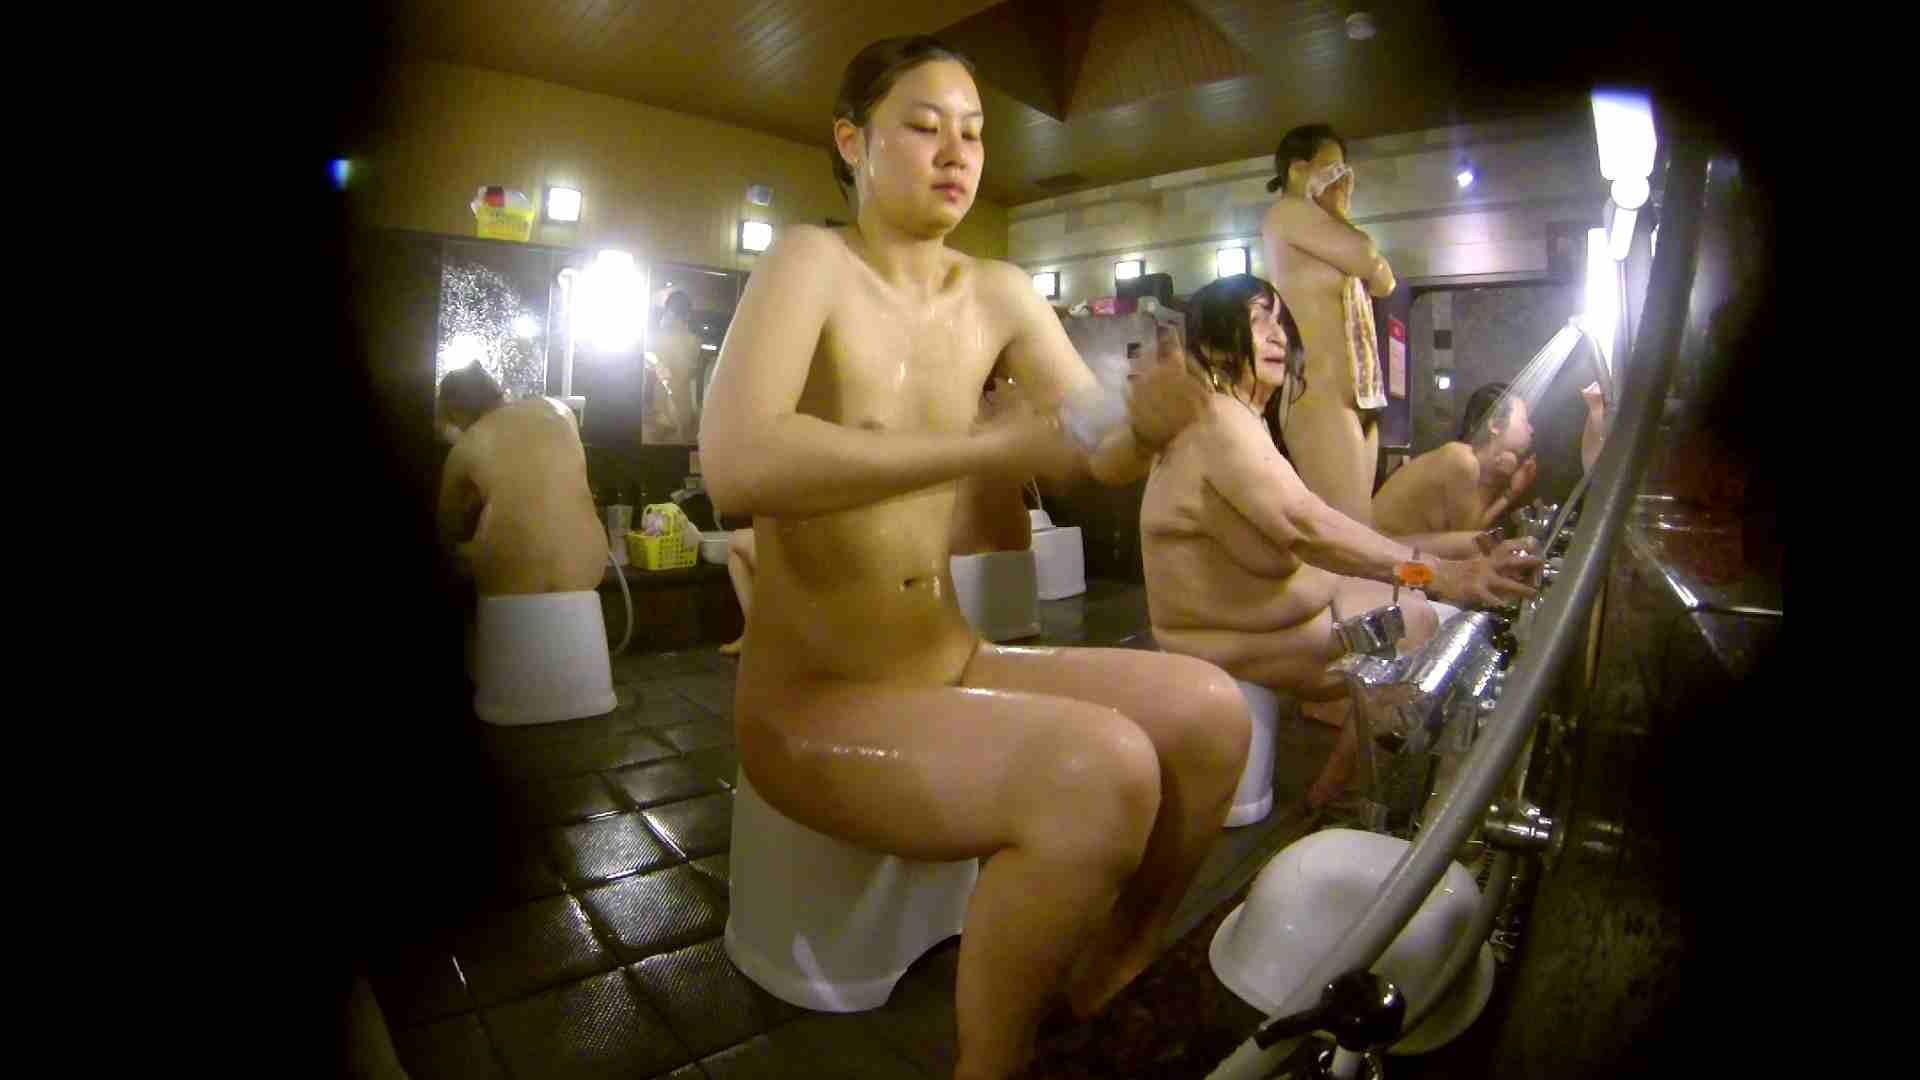 追い撮り!脱衣~洗い場、徹底追跡!撮り師さんに拍手!! 追跡  67PIX 48